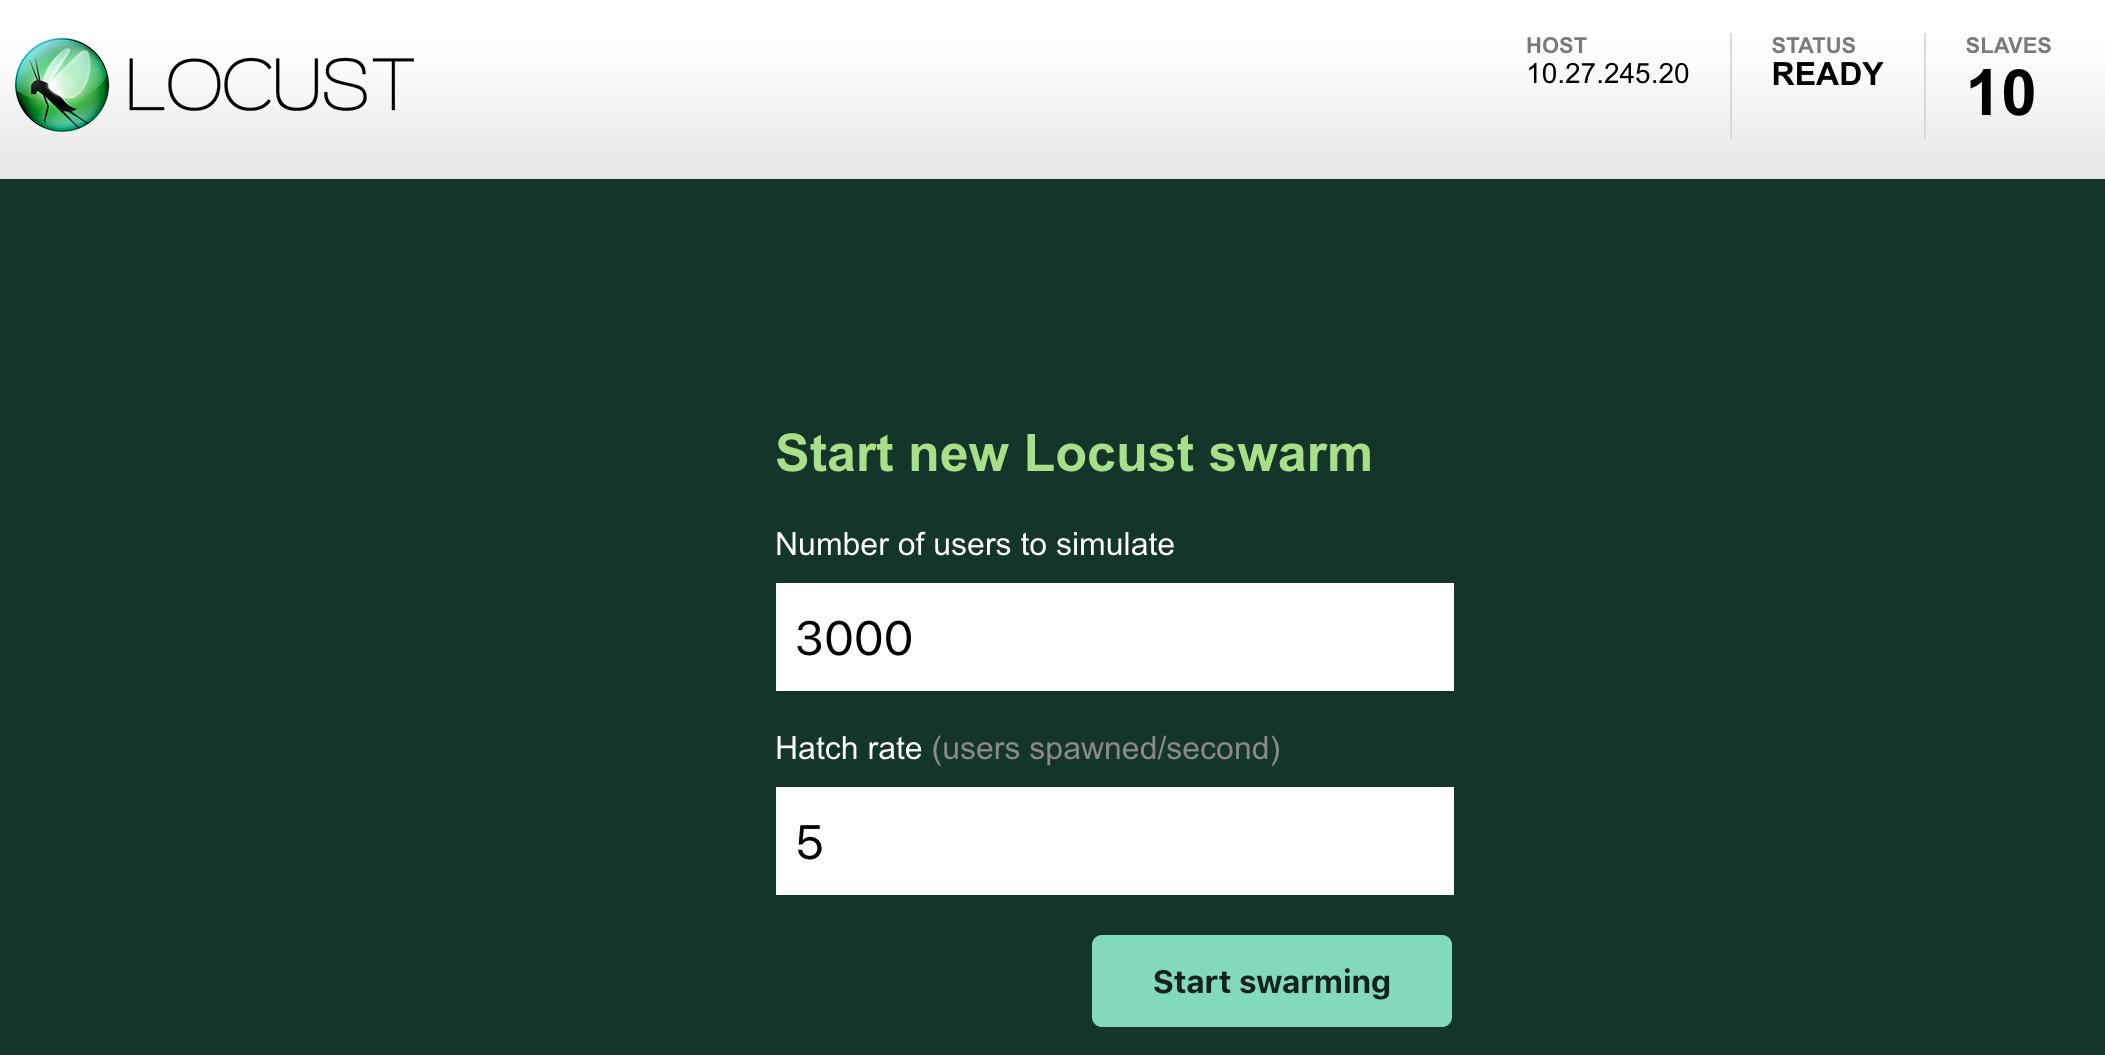 Inicia un nuevo generador de Locust.